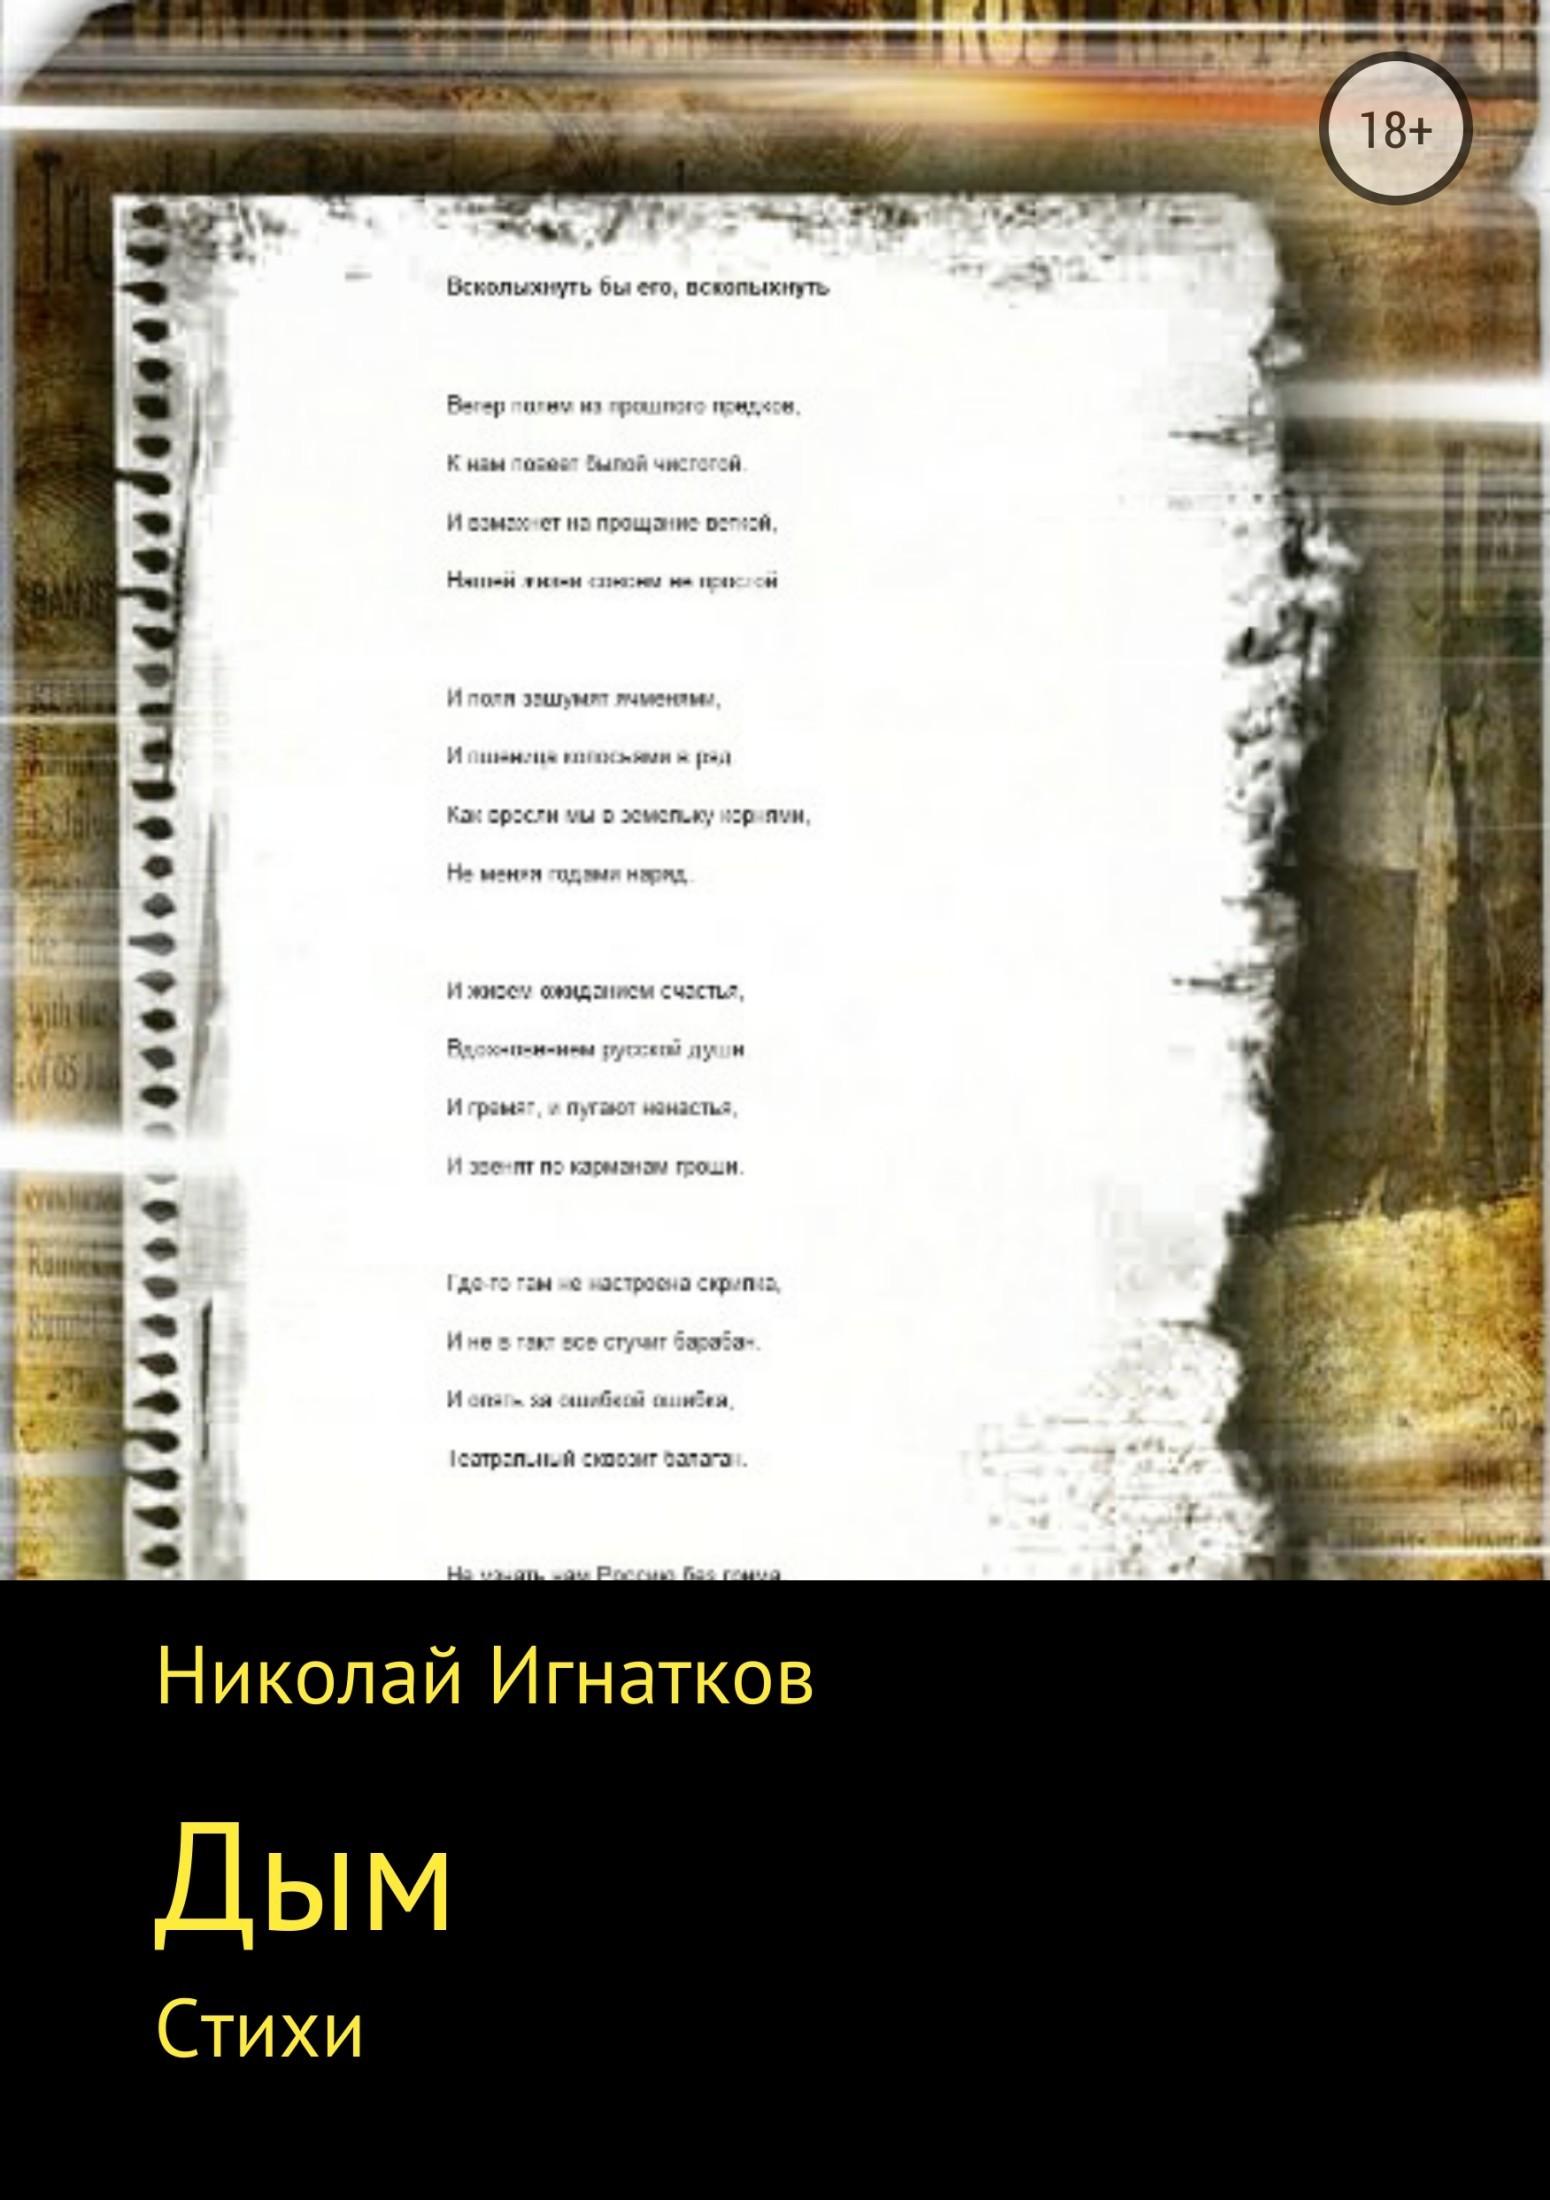 Николай Викторович Игнатков Дым. Книга стихотворений цена